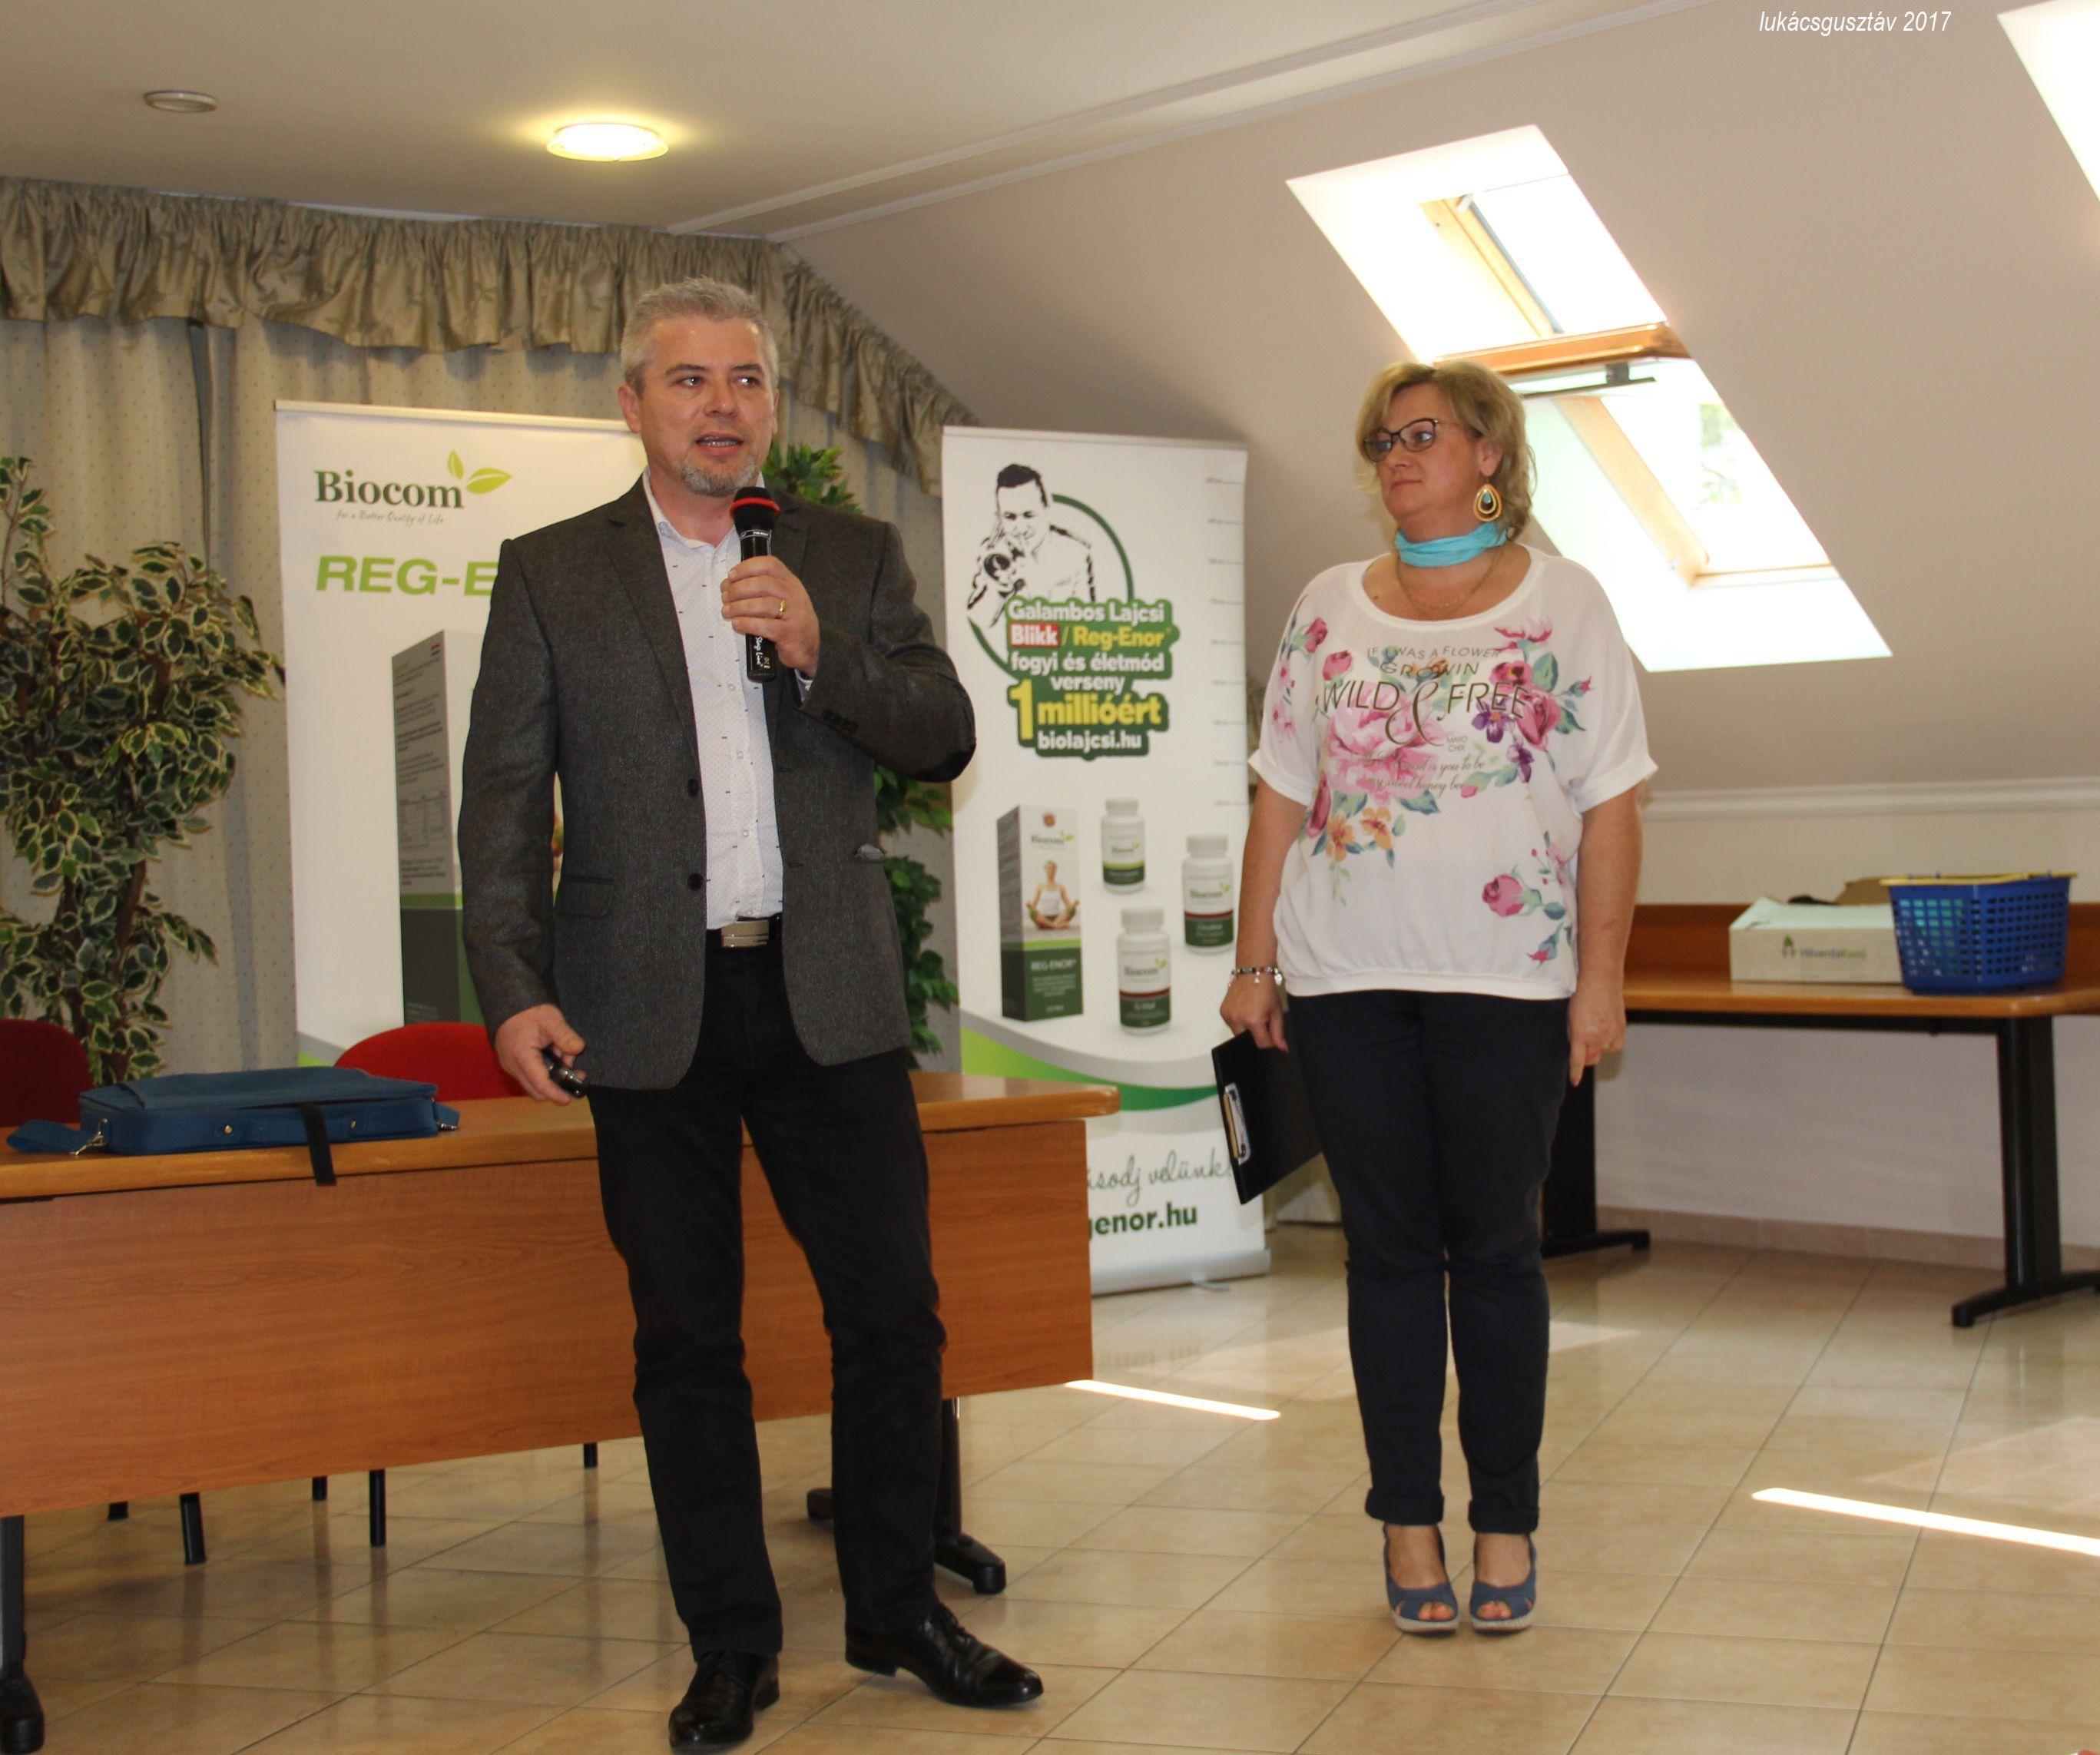 Tóth-Wolford Erika és Tóth Lajos saját példájukon keresztül mutatták be, hogyan lehet vezetővé válni